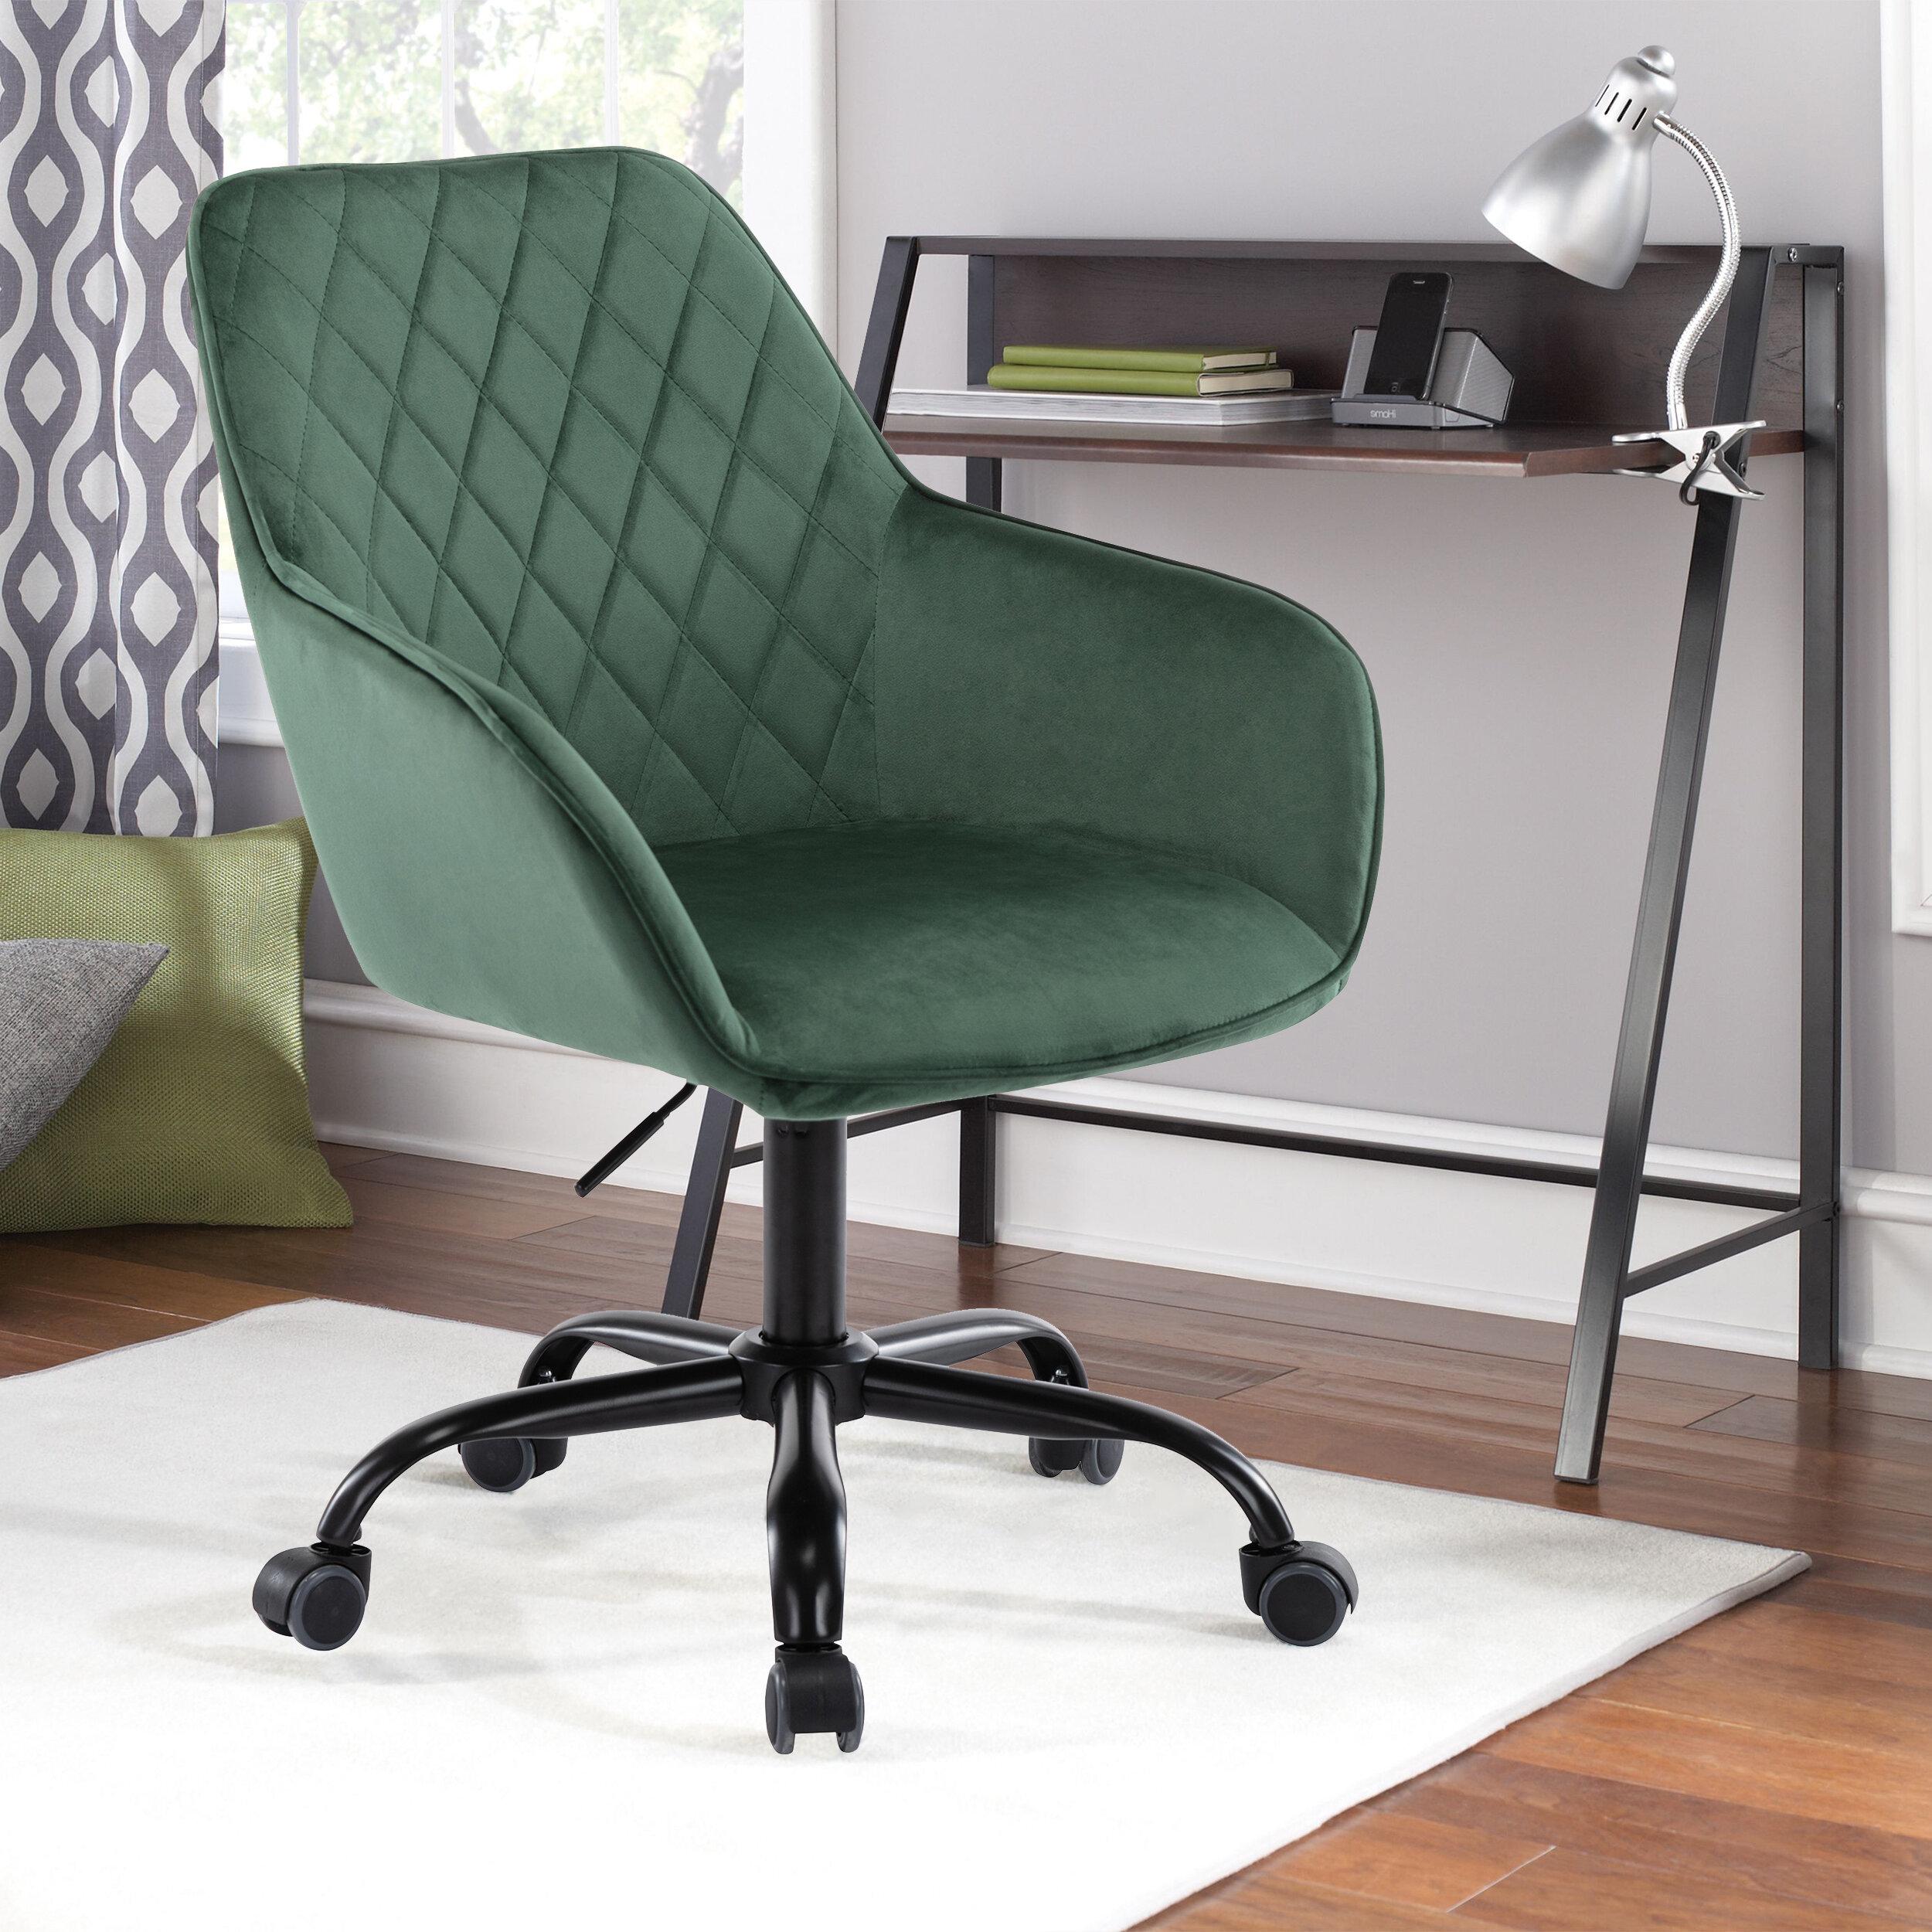 Everly Quinn Brenton Painting Plate Velvet Task Chair Reviews Wayfair